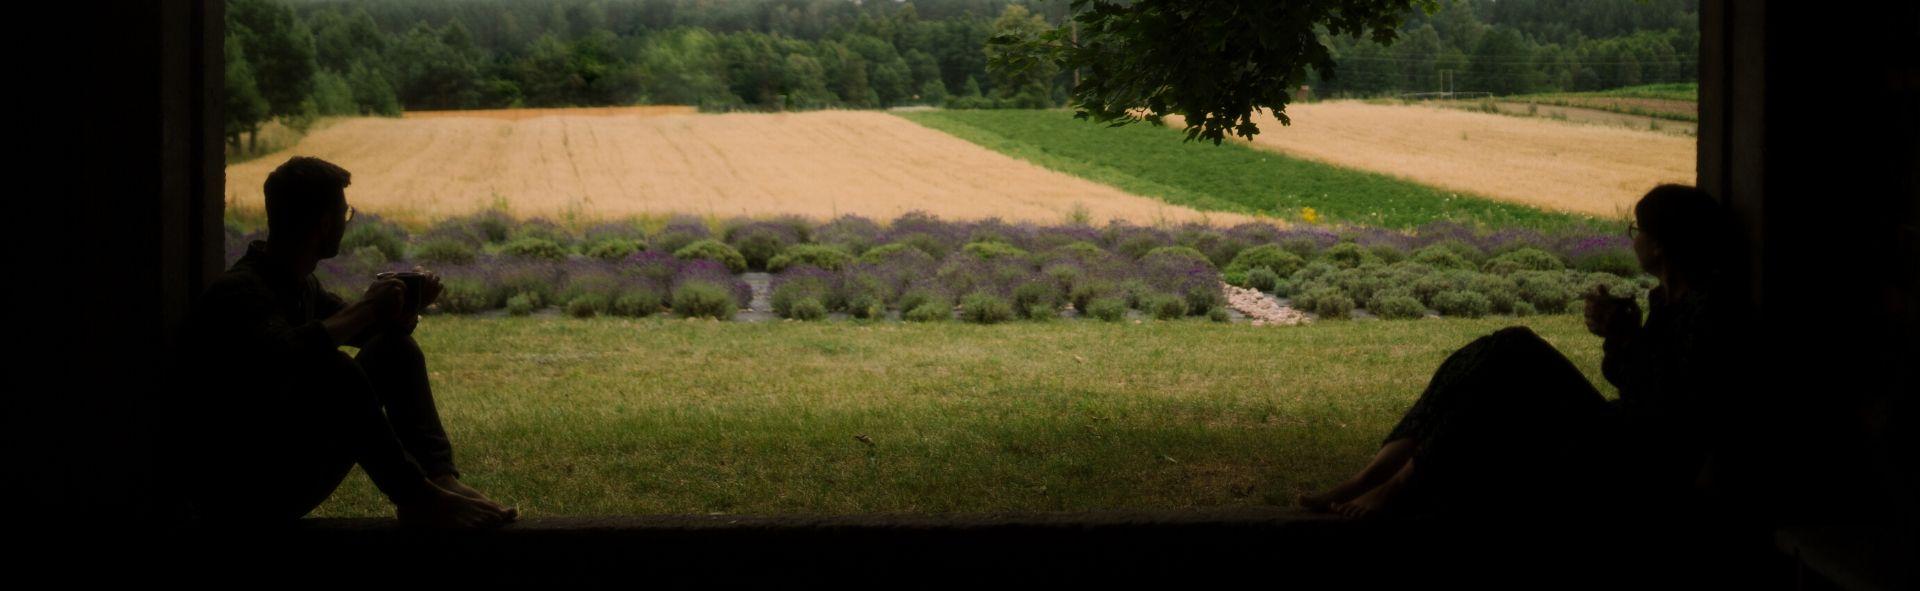 Dworzysk lawendowe pole